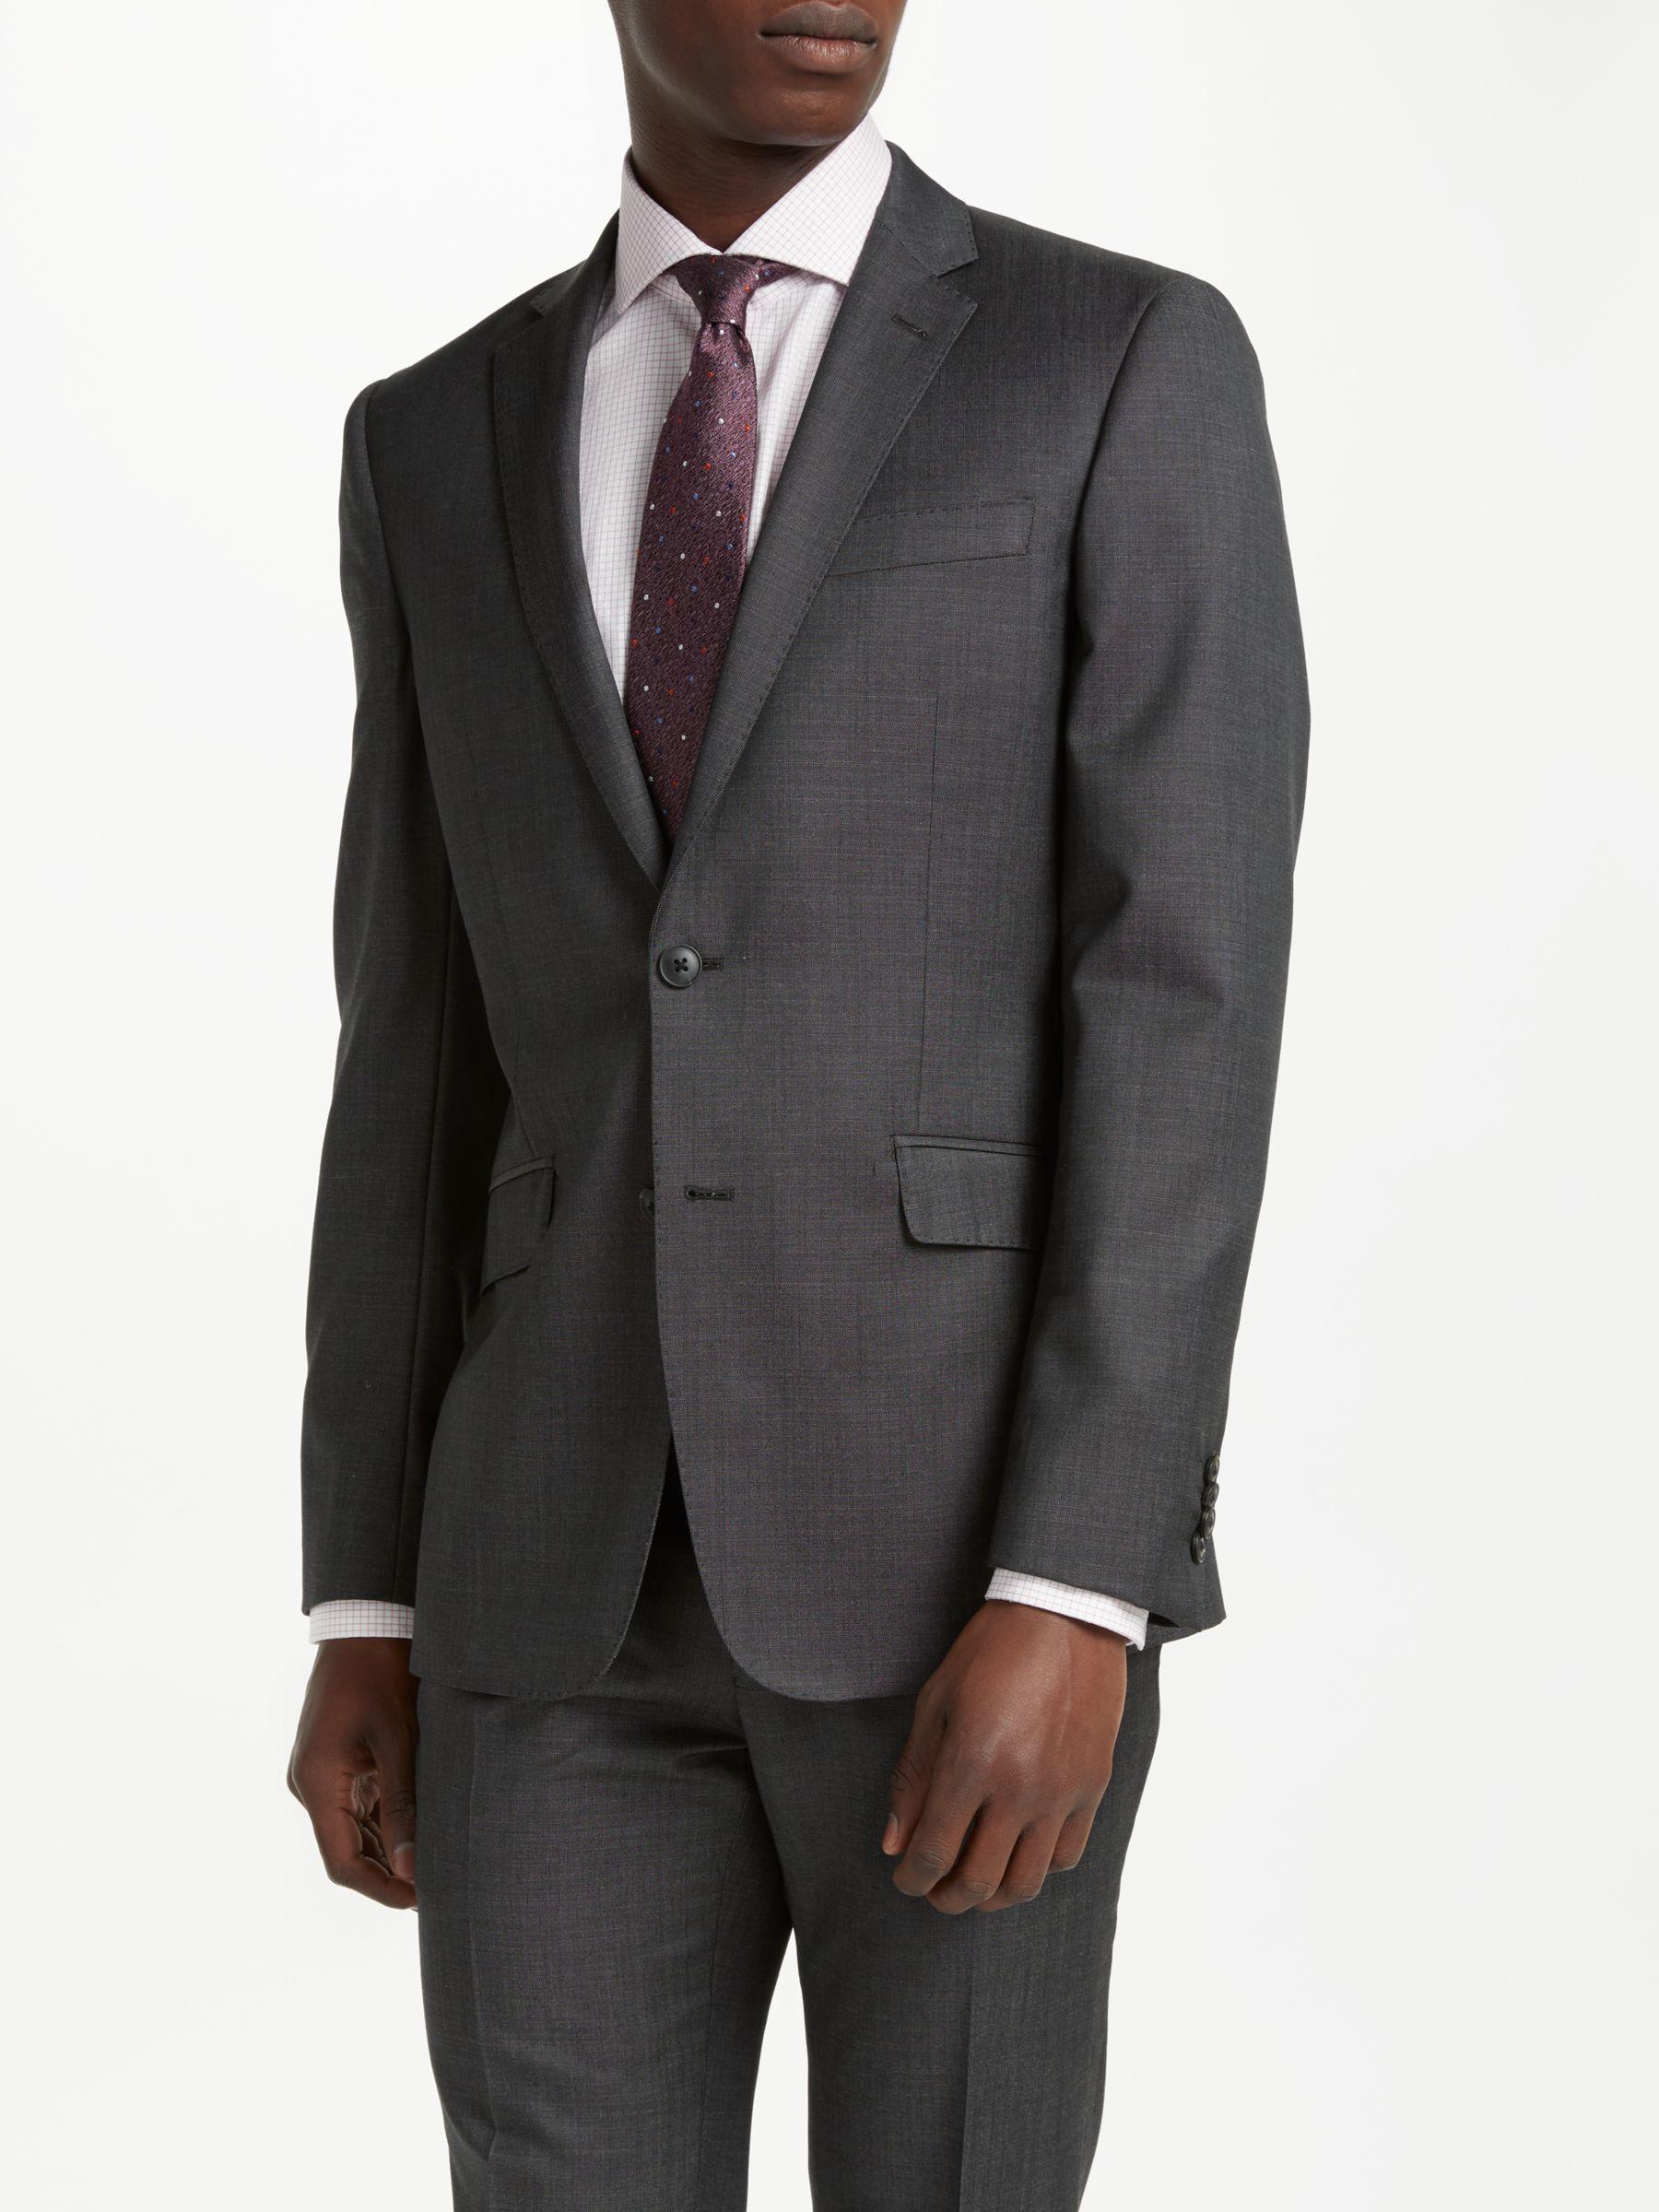 Richard James Mayfair Richard James Mayfair Wool Pindot Slim Fit Suit Jacket, Charcoal